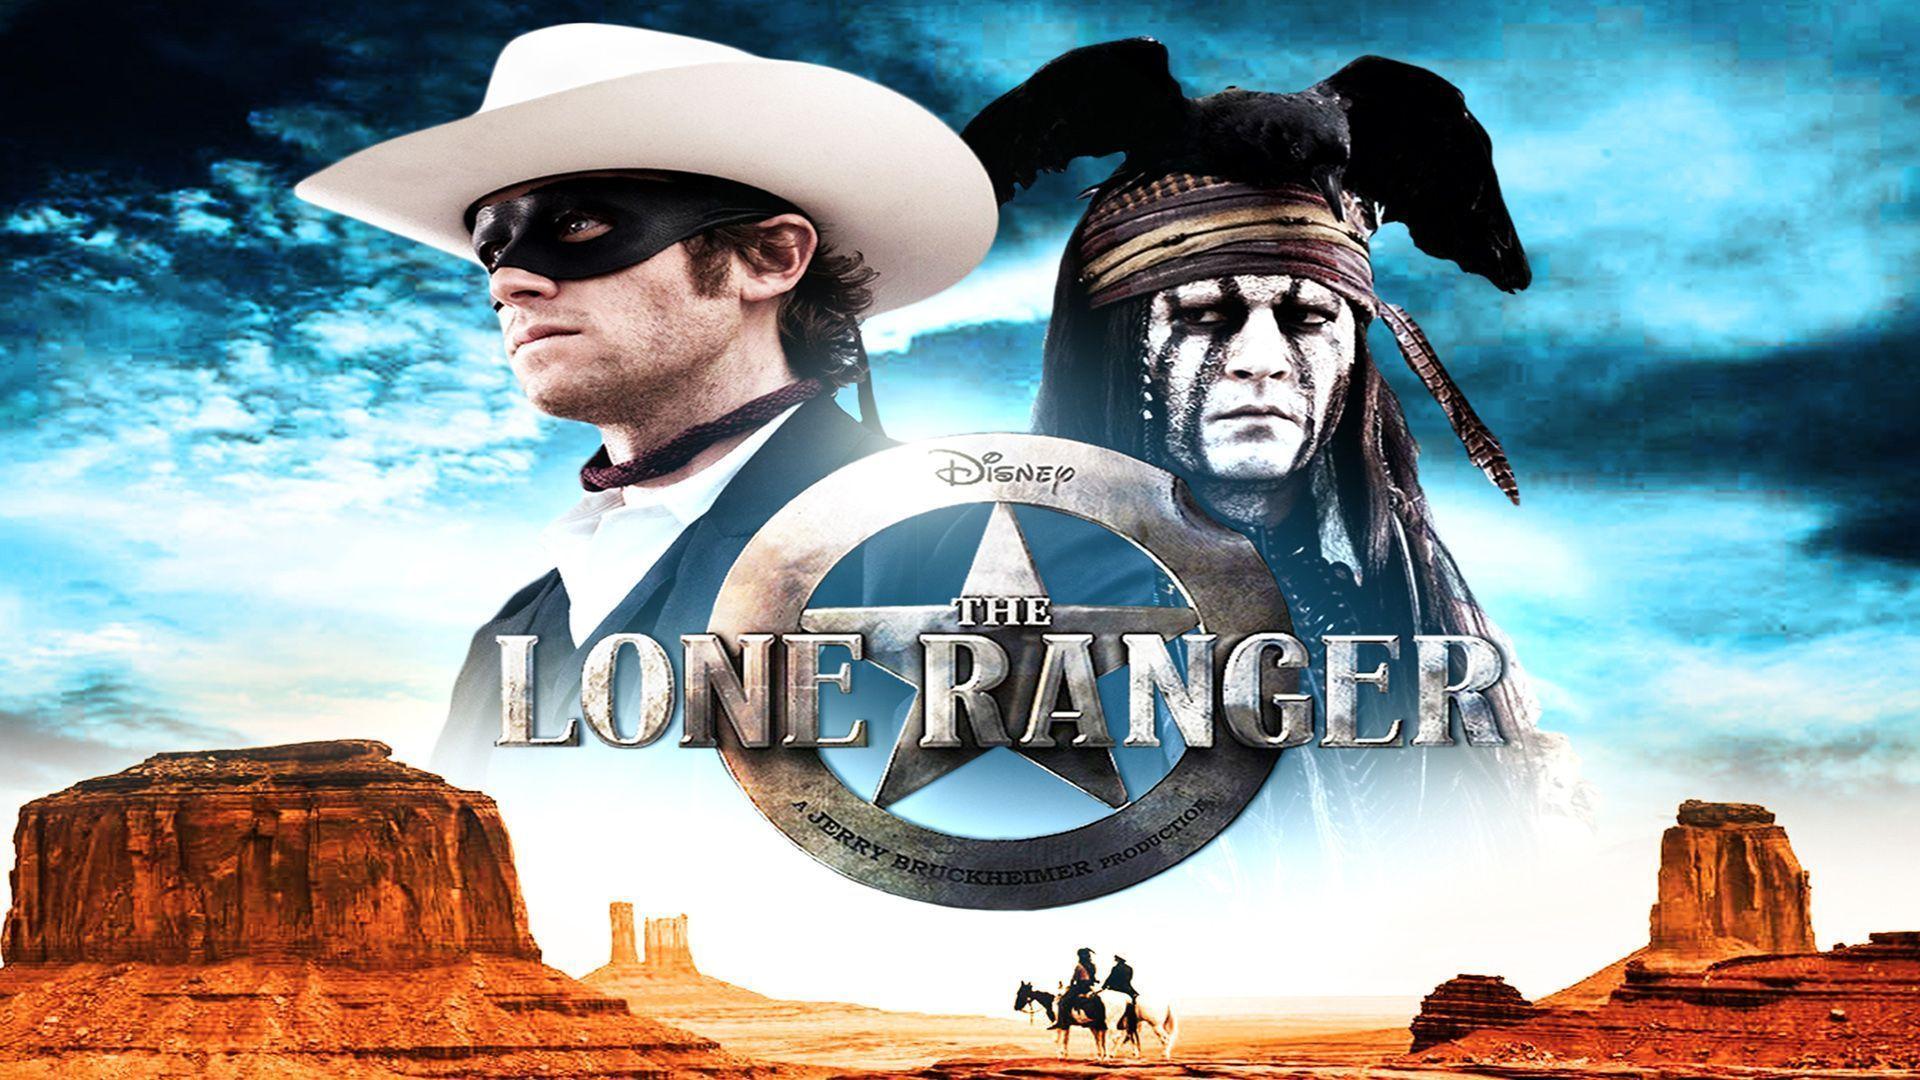 The Lone Ranger wallpaper 4